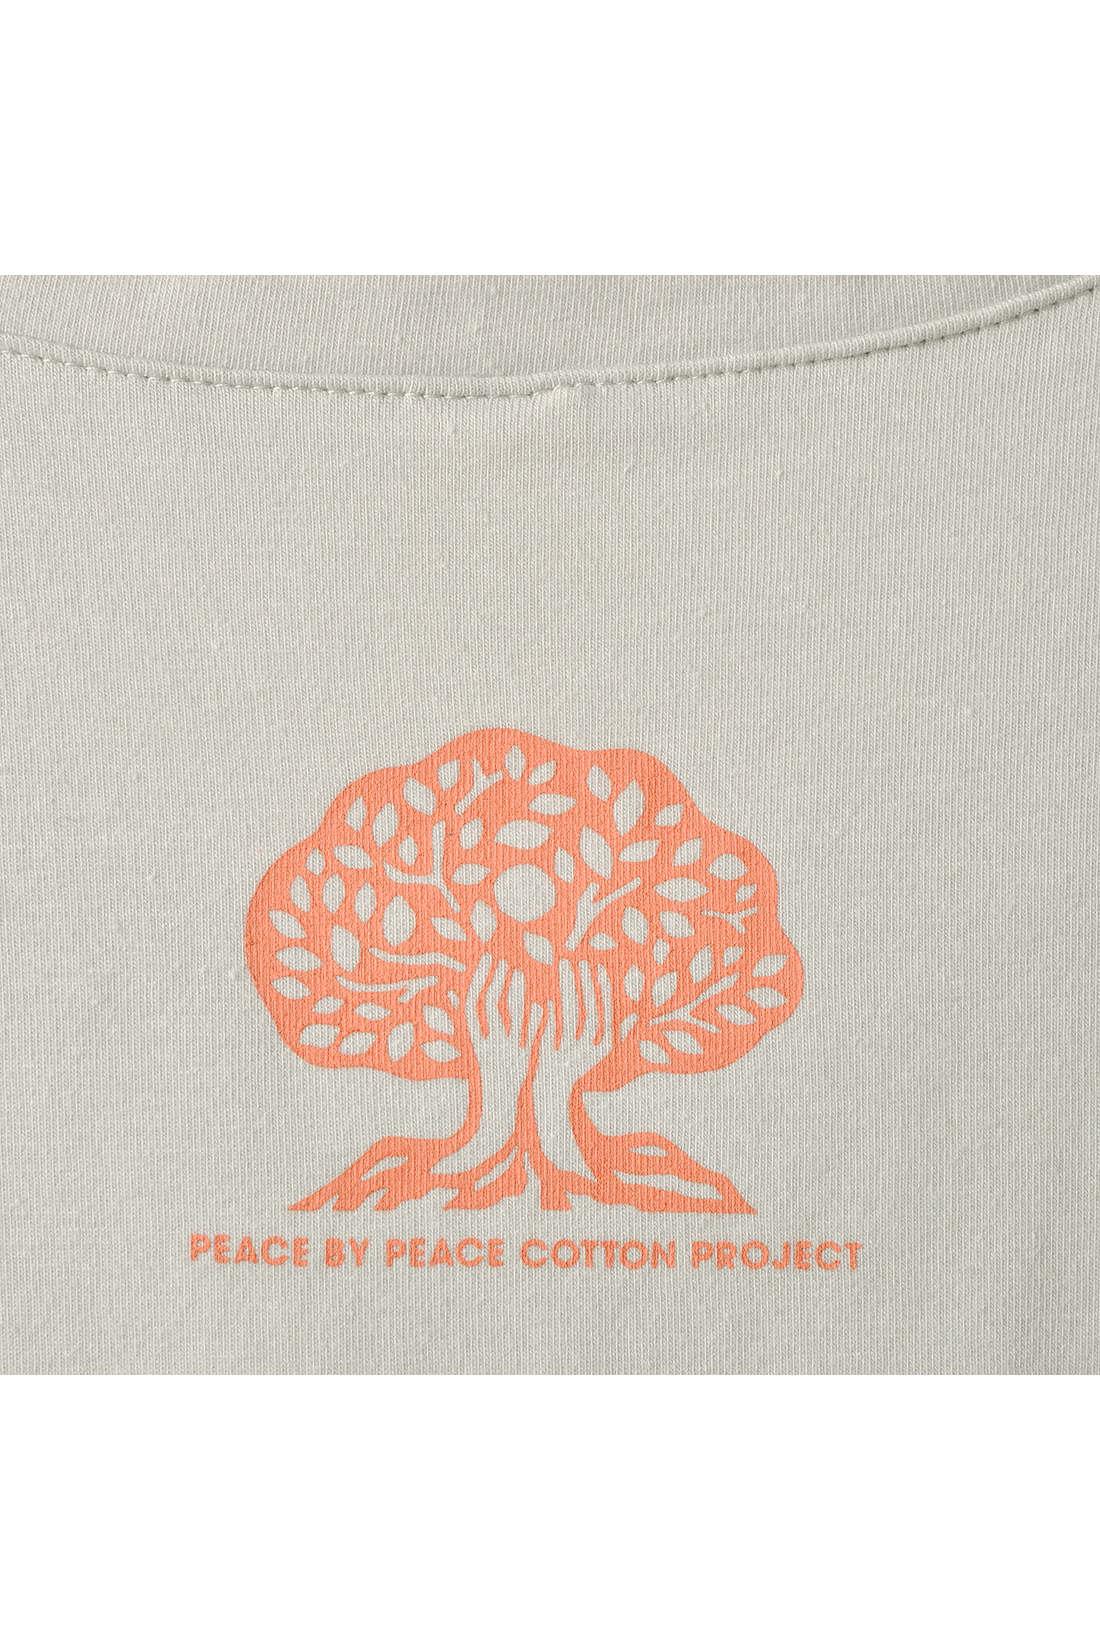 後ろには綿花とヨガのイメージをミックスしたプリントが。